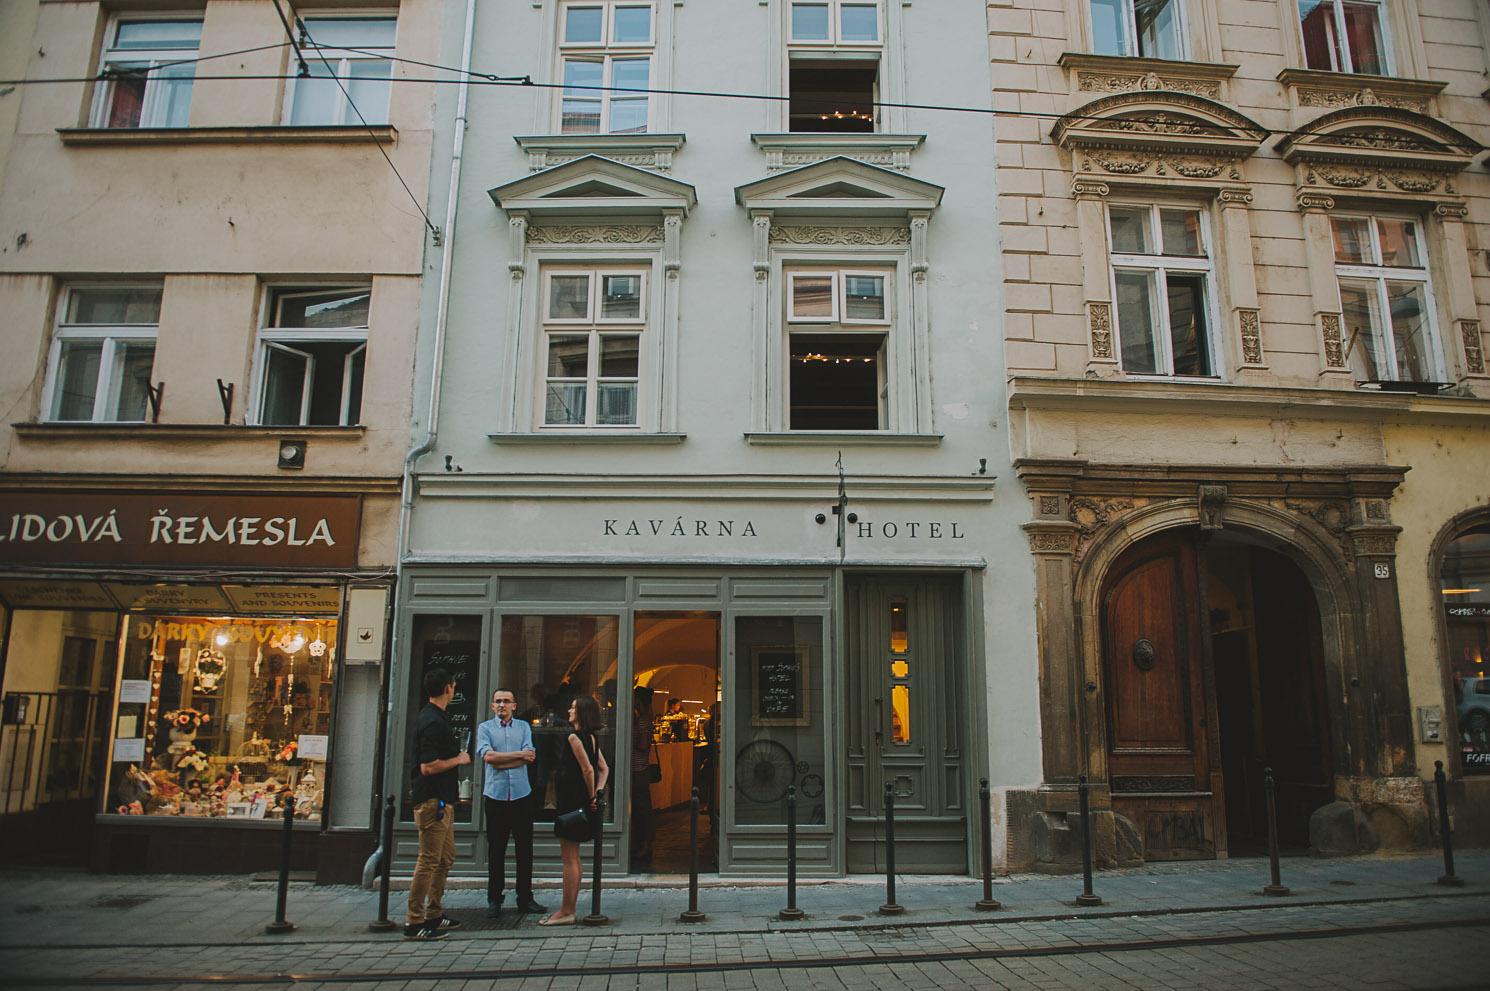 Miss Sophies Olomouc building